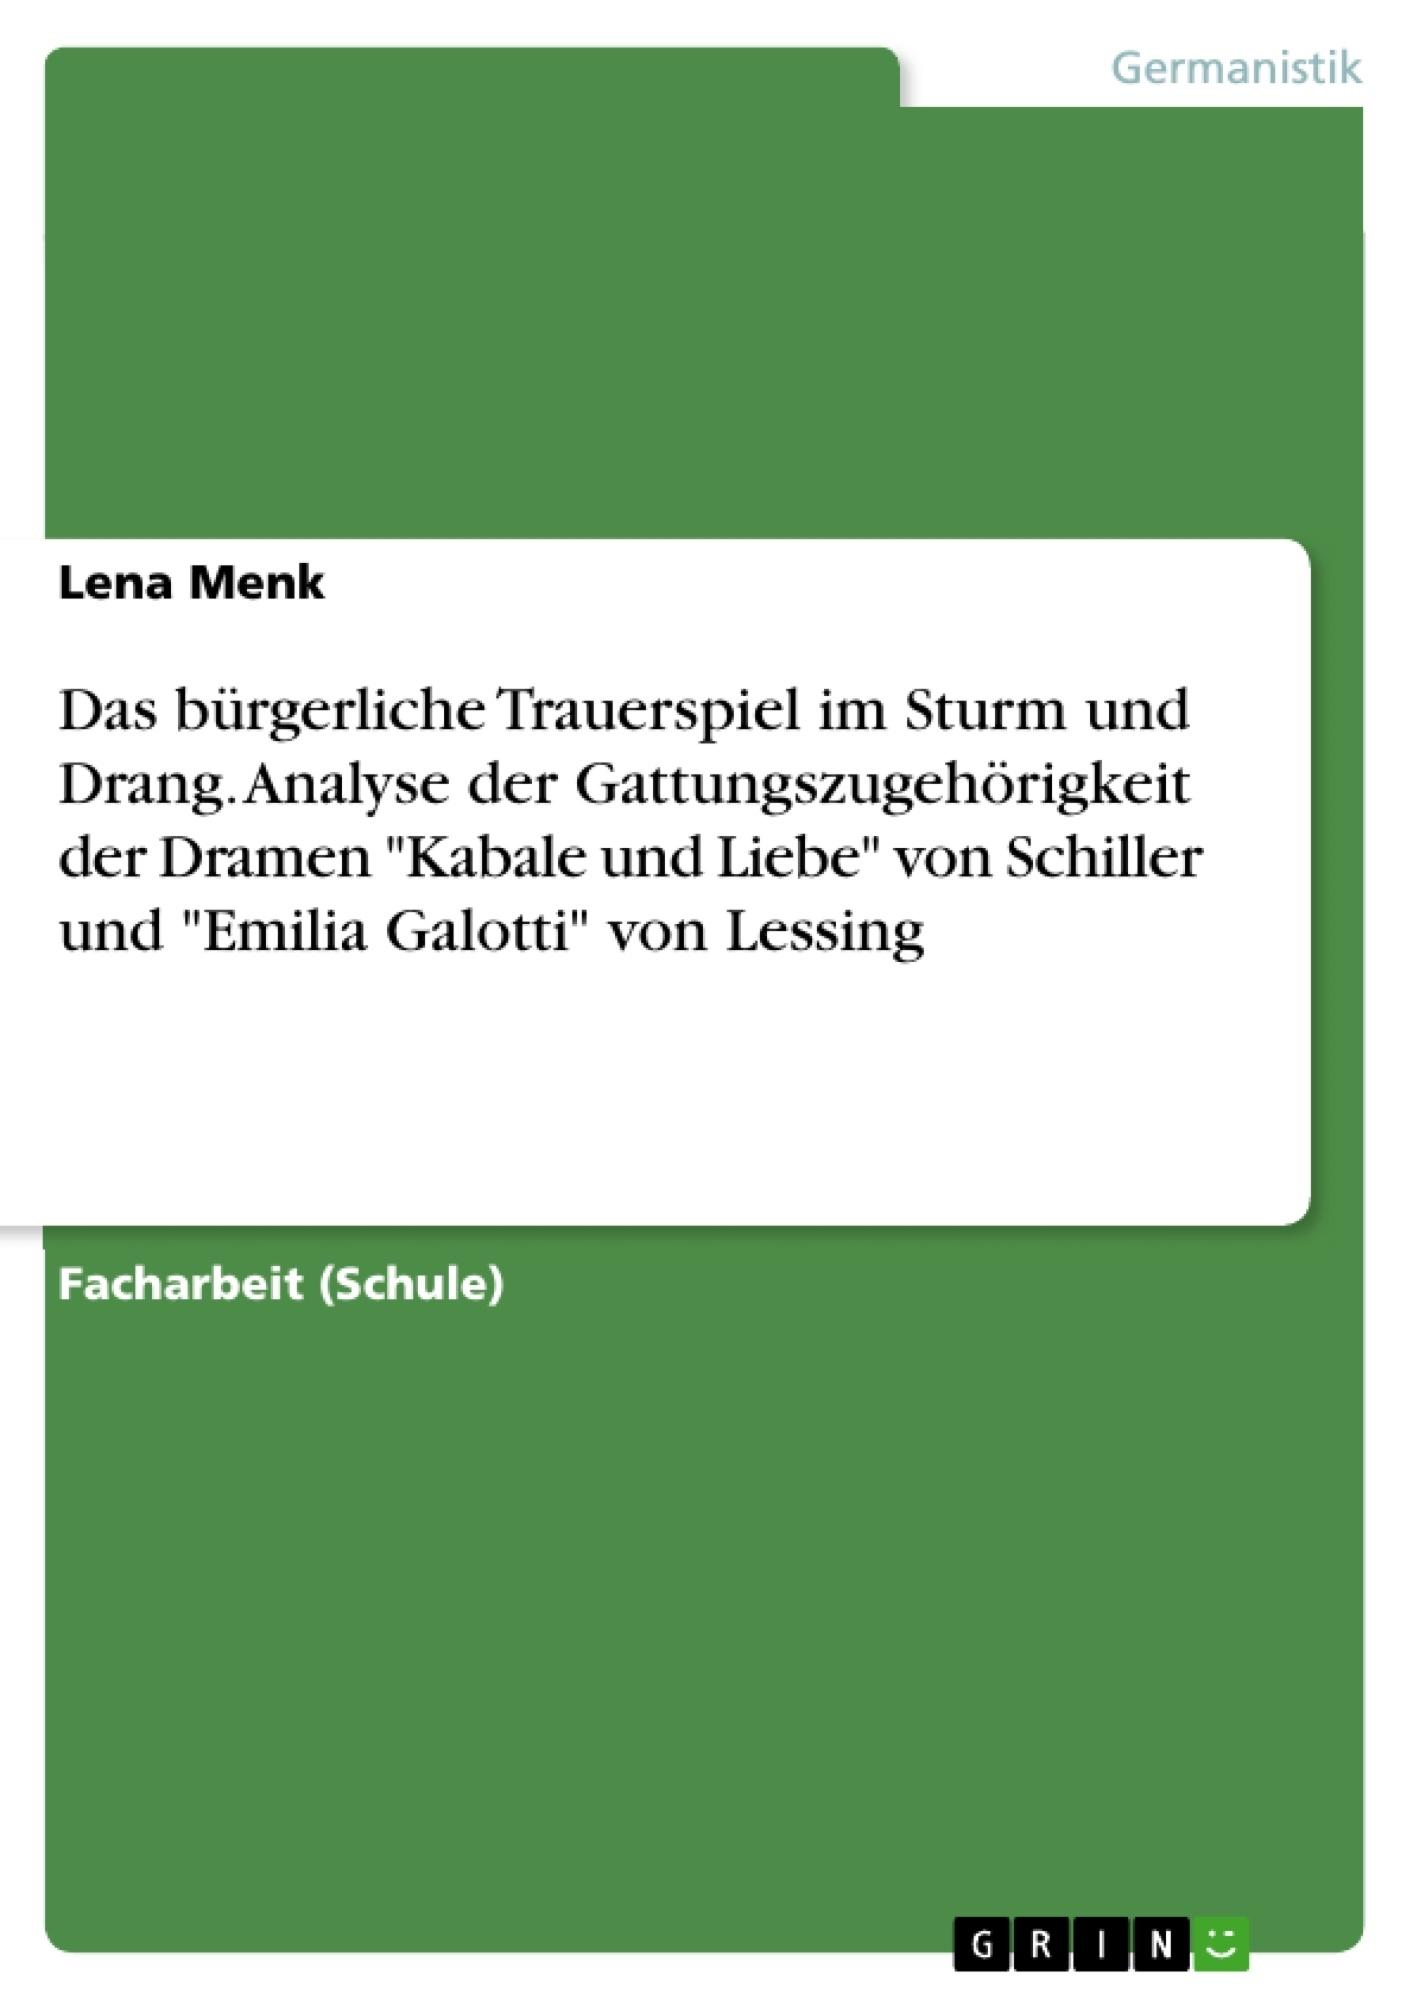 """Titel: Das bürgerliche Trauerspiel im Sturm und Drang. Analyse der Gattungszugehörigkeit der Dramen """"Kabale und Liebe"""" von Schiller und """"Emilia Galotti"""" von Lessing"""